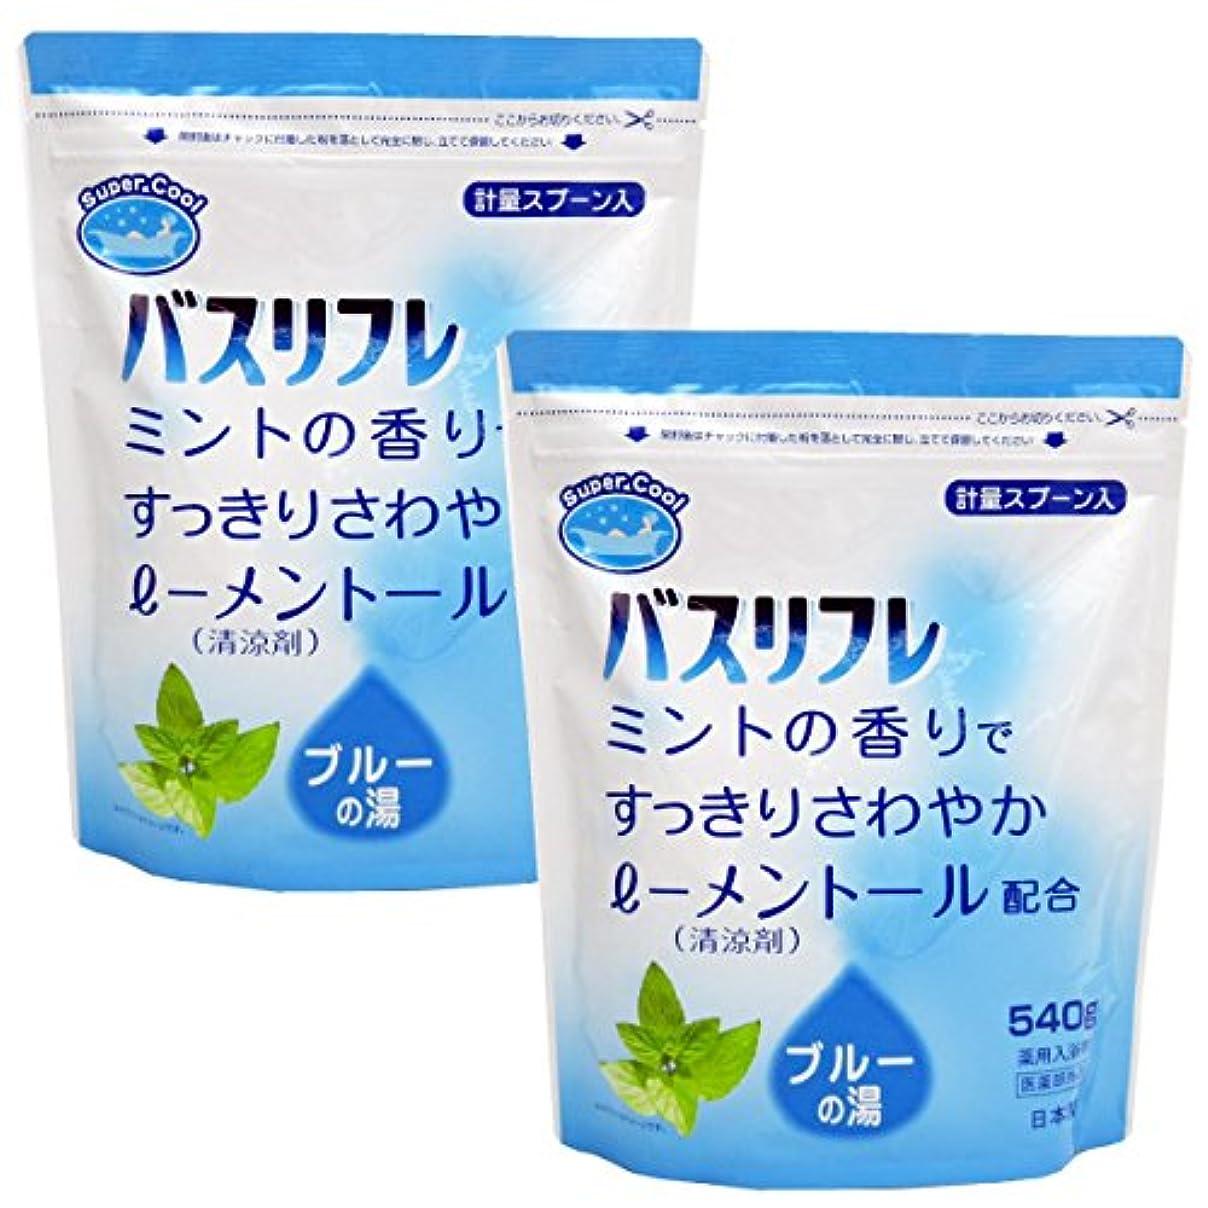 セッション将来の波紋入浴剤 クール 薬用入浴剤 バスリフレ スーパークール540g×2個セット 日本製